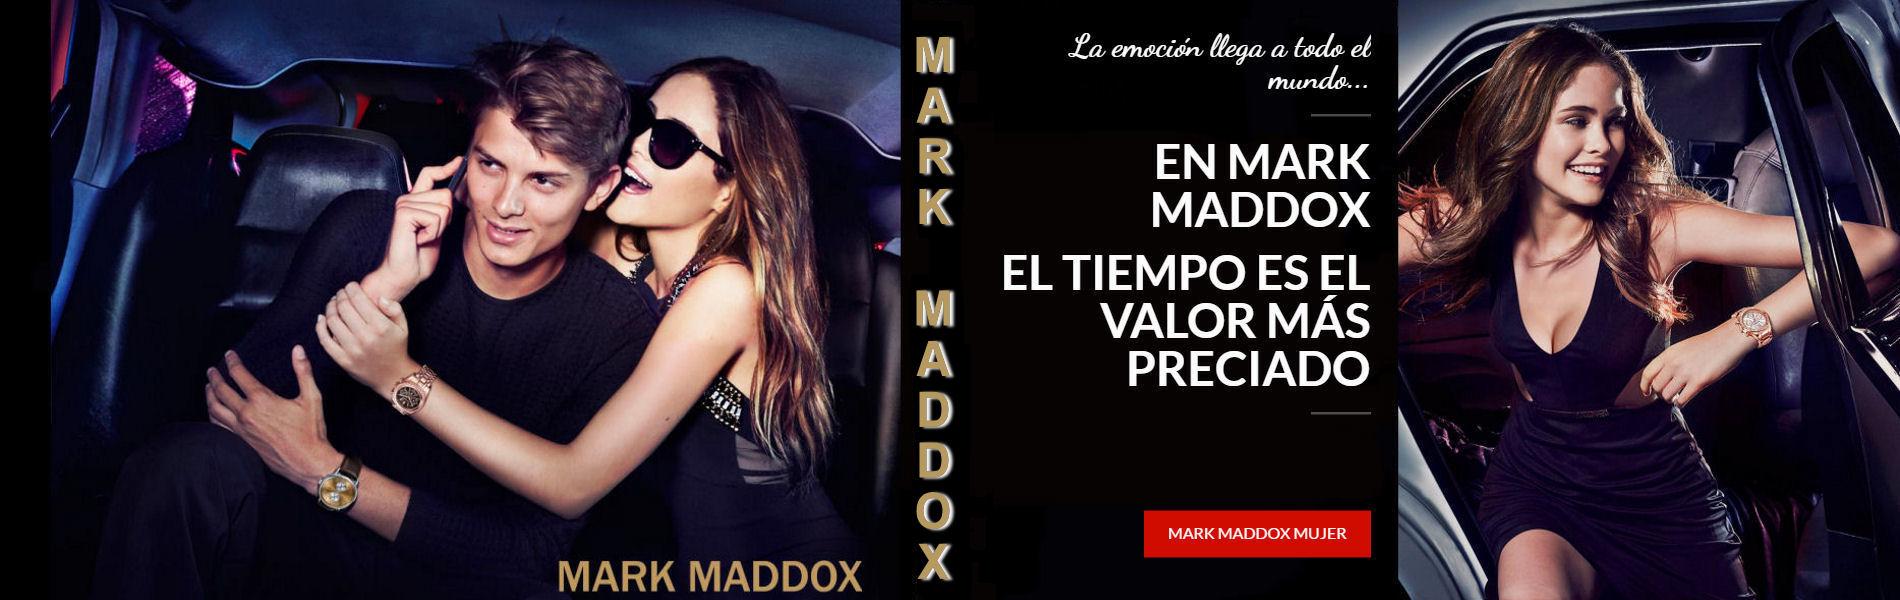 Relojes Mark Maddox mujer